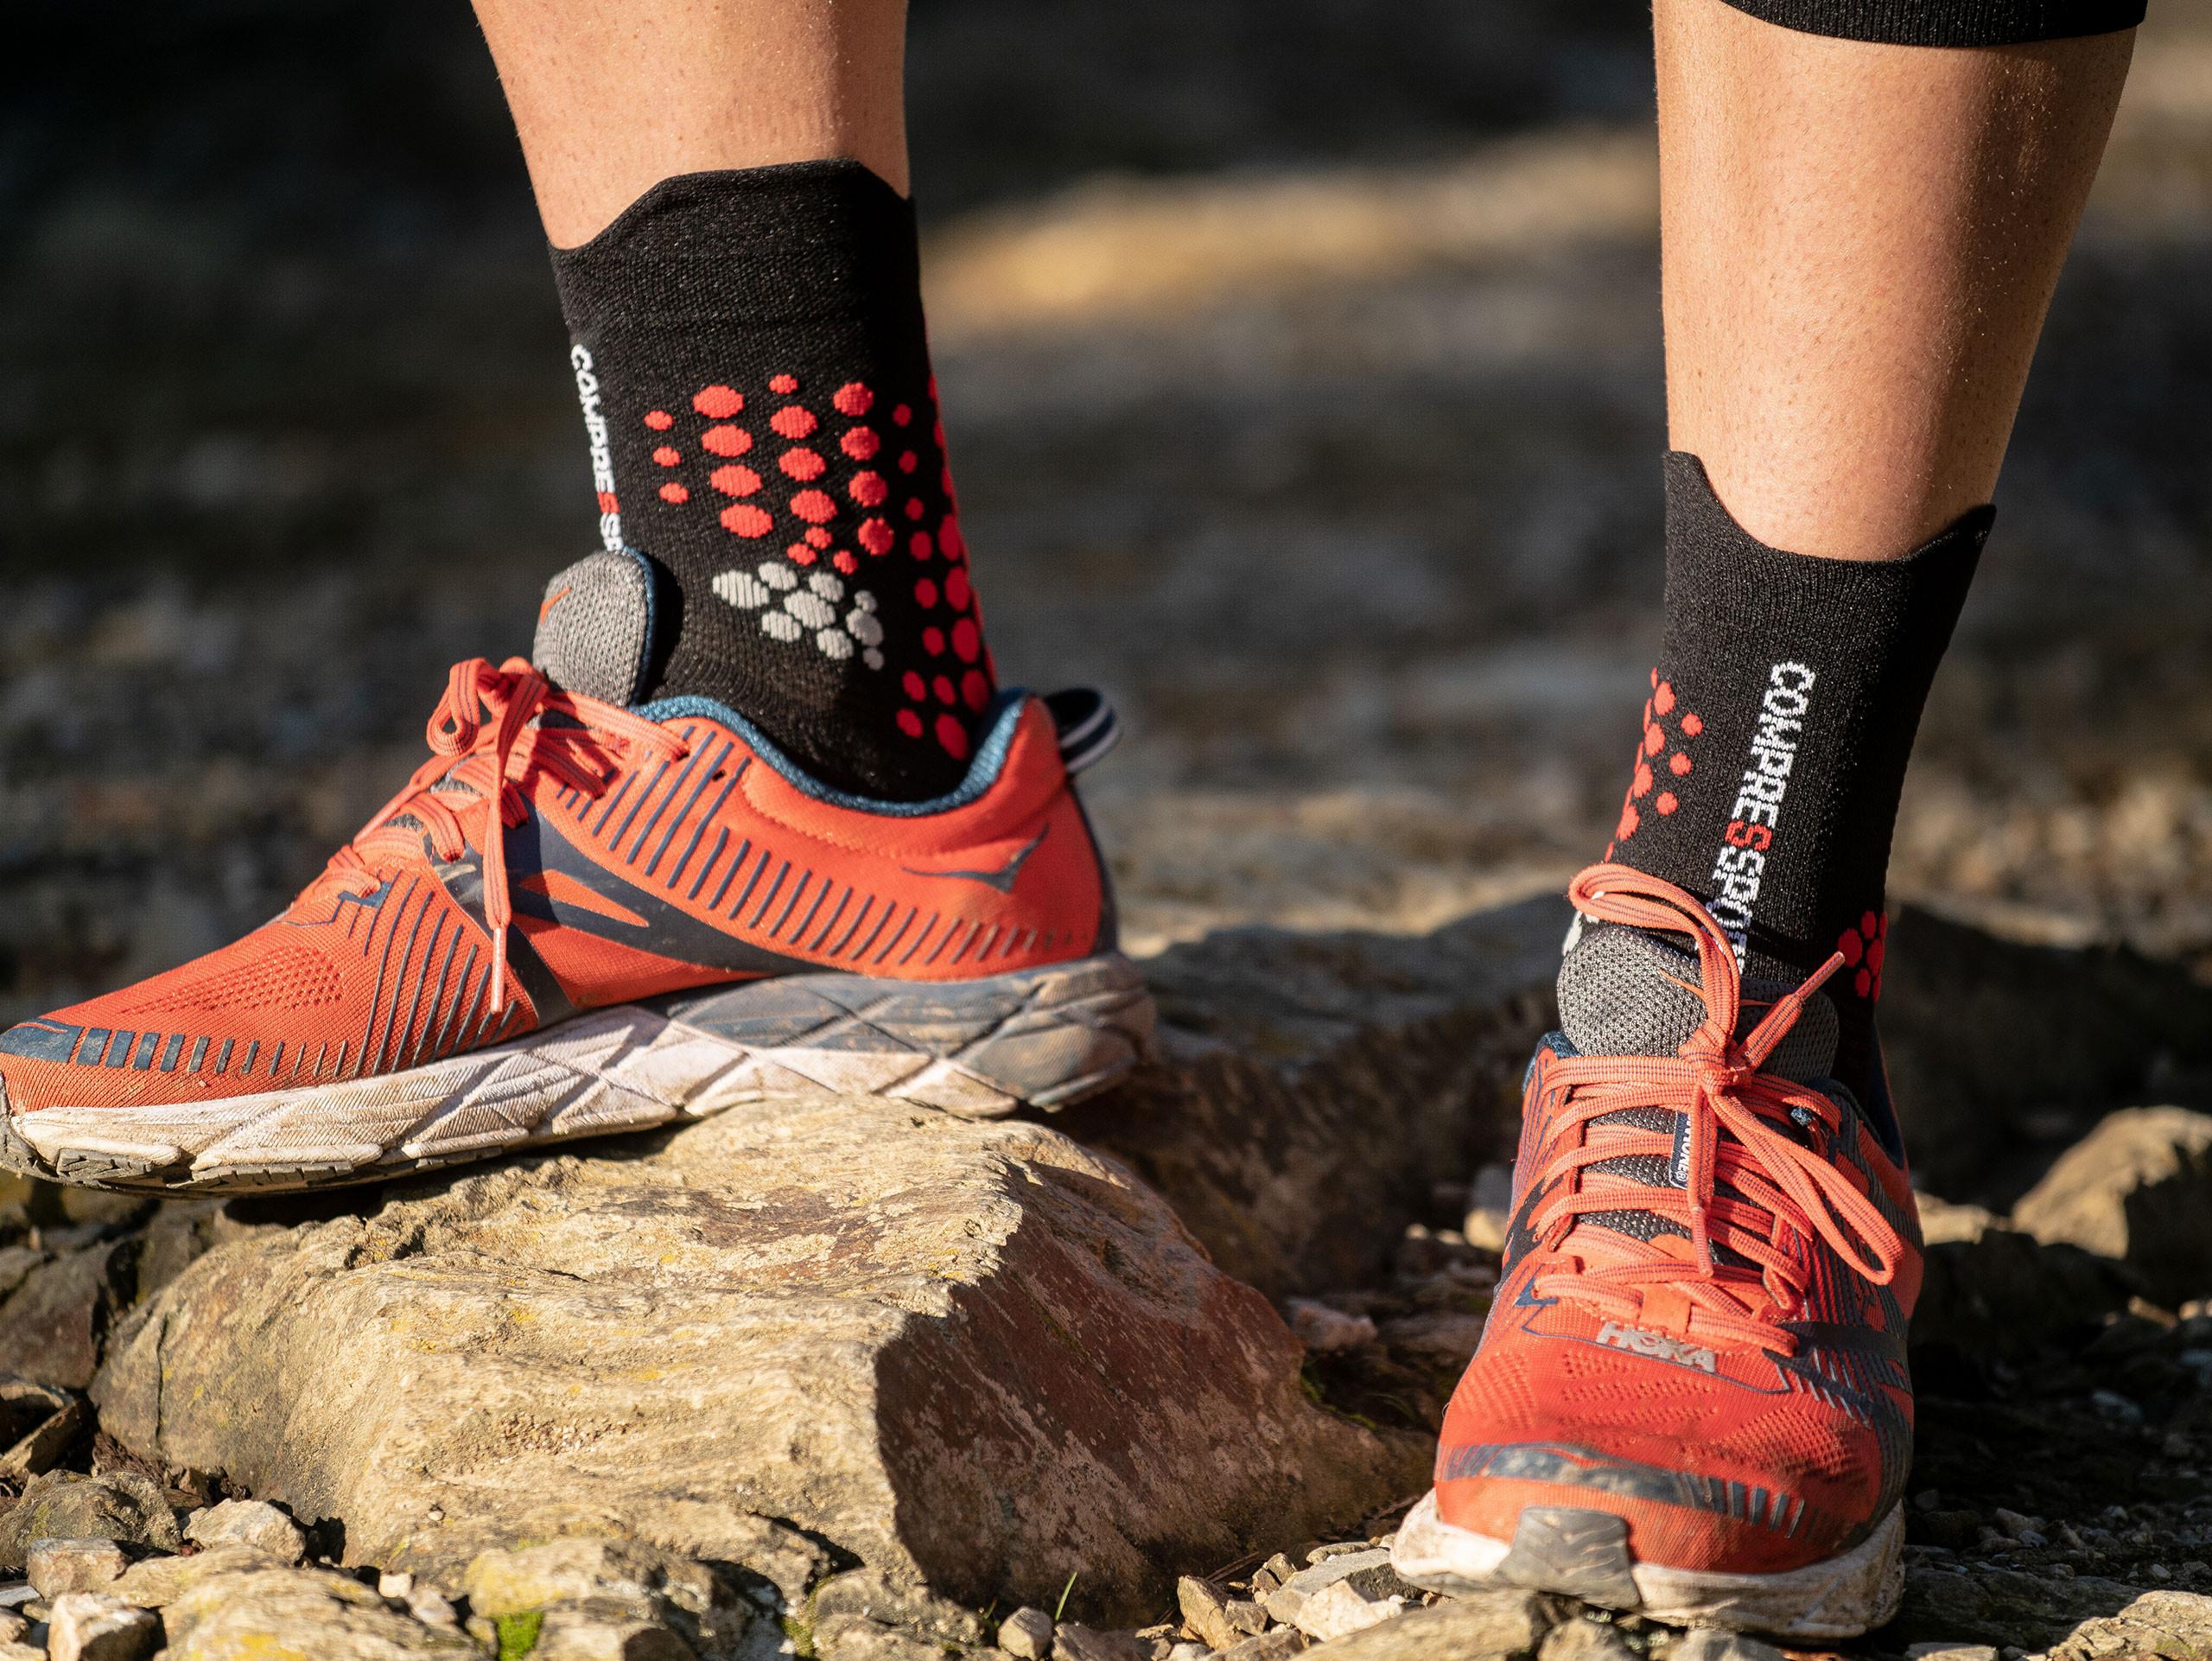 Pro racing socks v3.0 Trail schwarz/rot